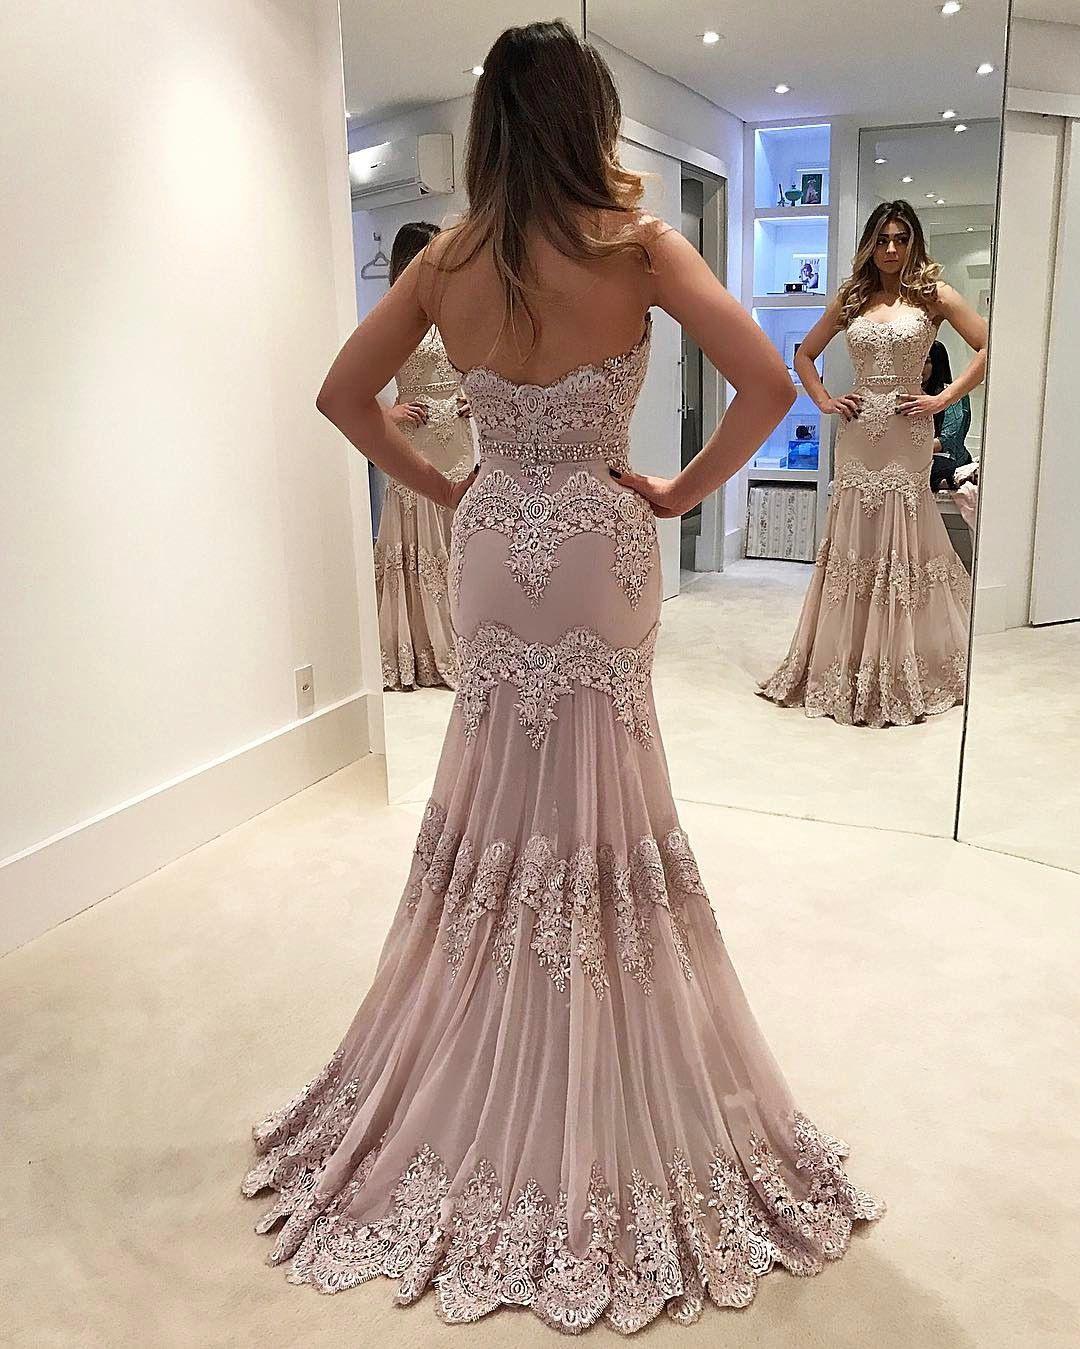 Abend Schön Abendkleid Kaufen Online VertriebDesigner Schön Abendkleid Kaufen Online Spezialgebiet